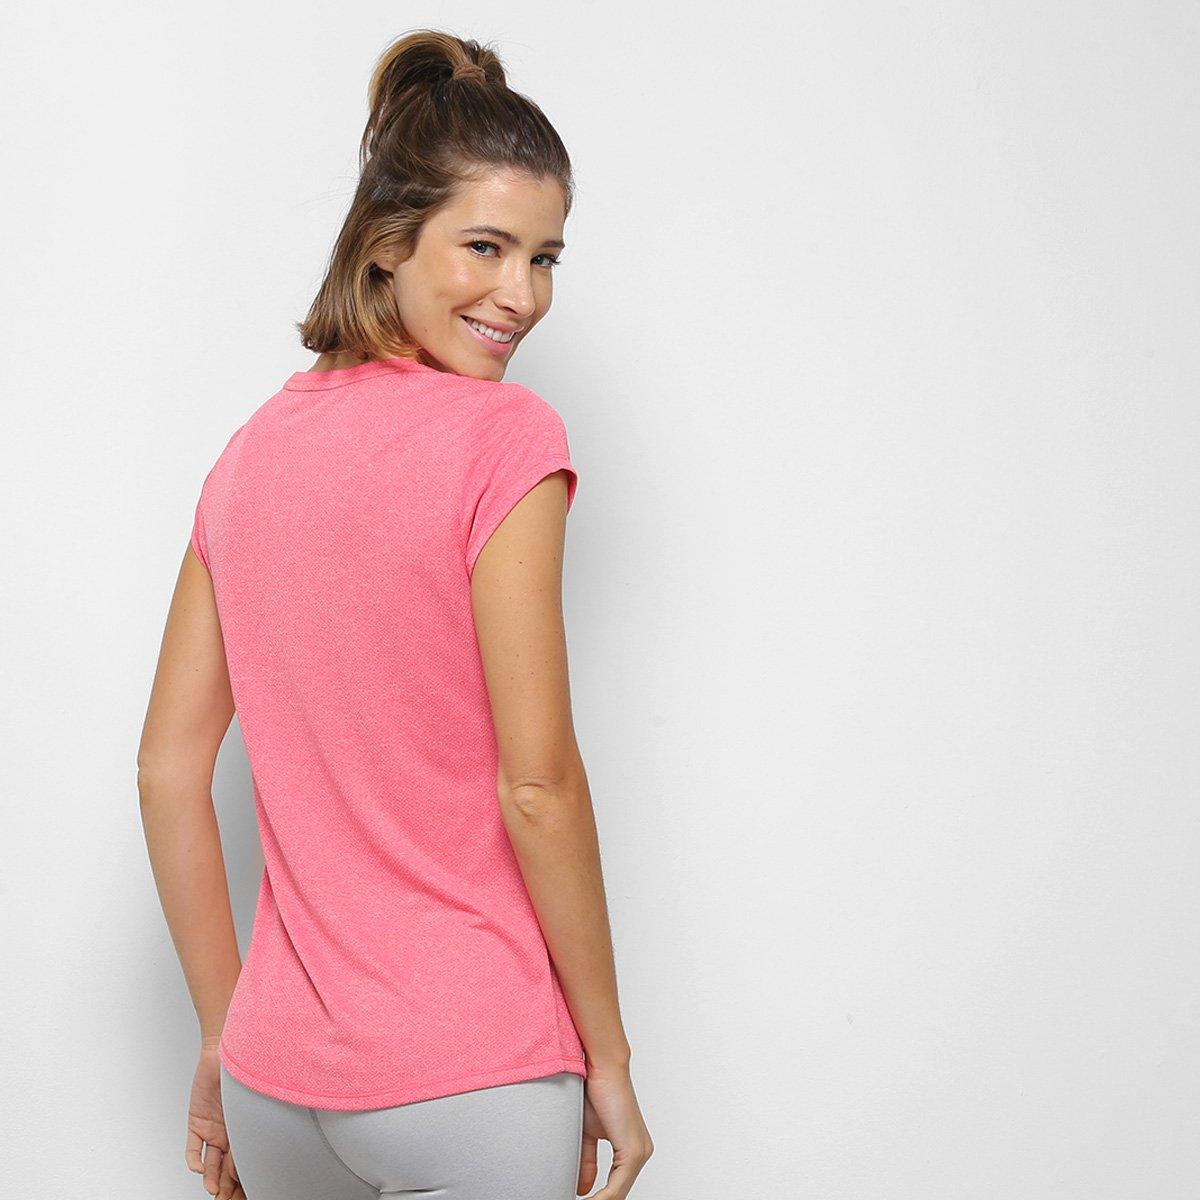 Camiseta Puma Active Heather Feminina - Tam: G - 1